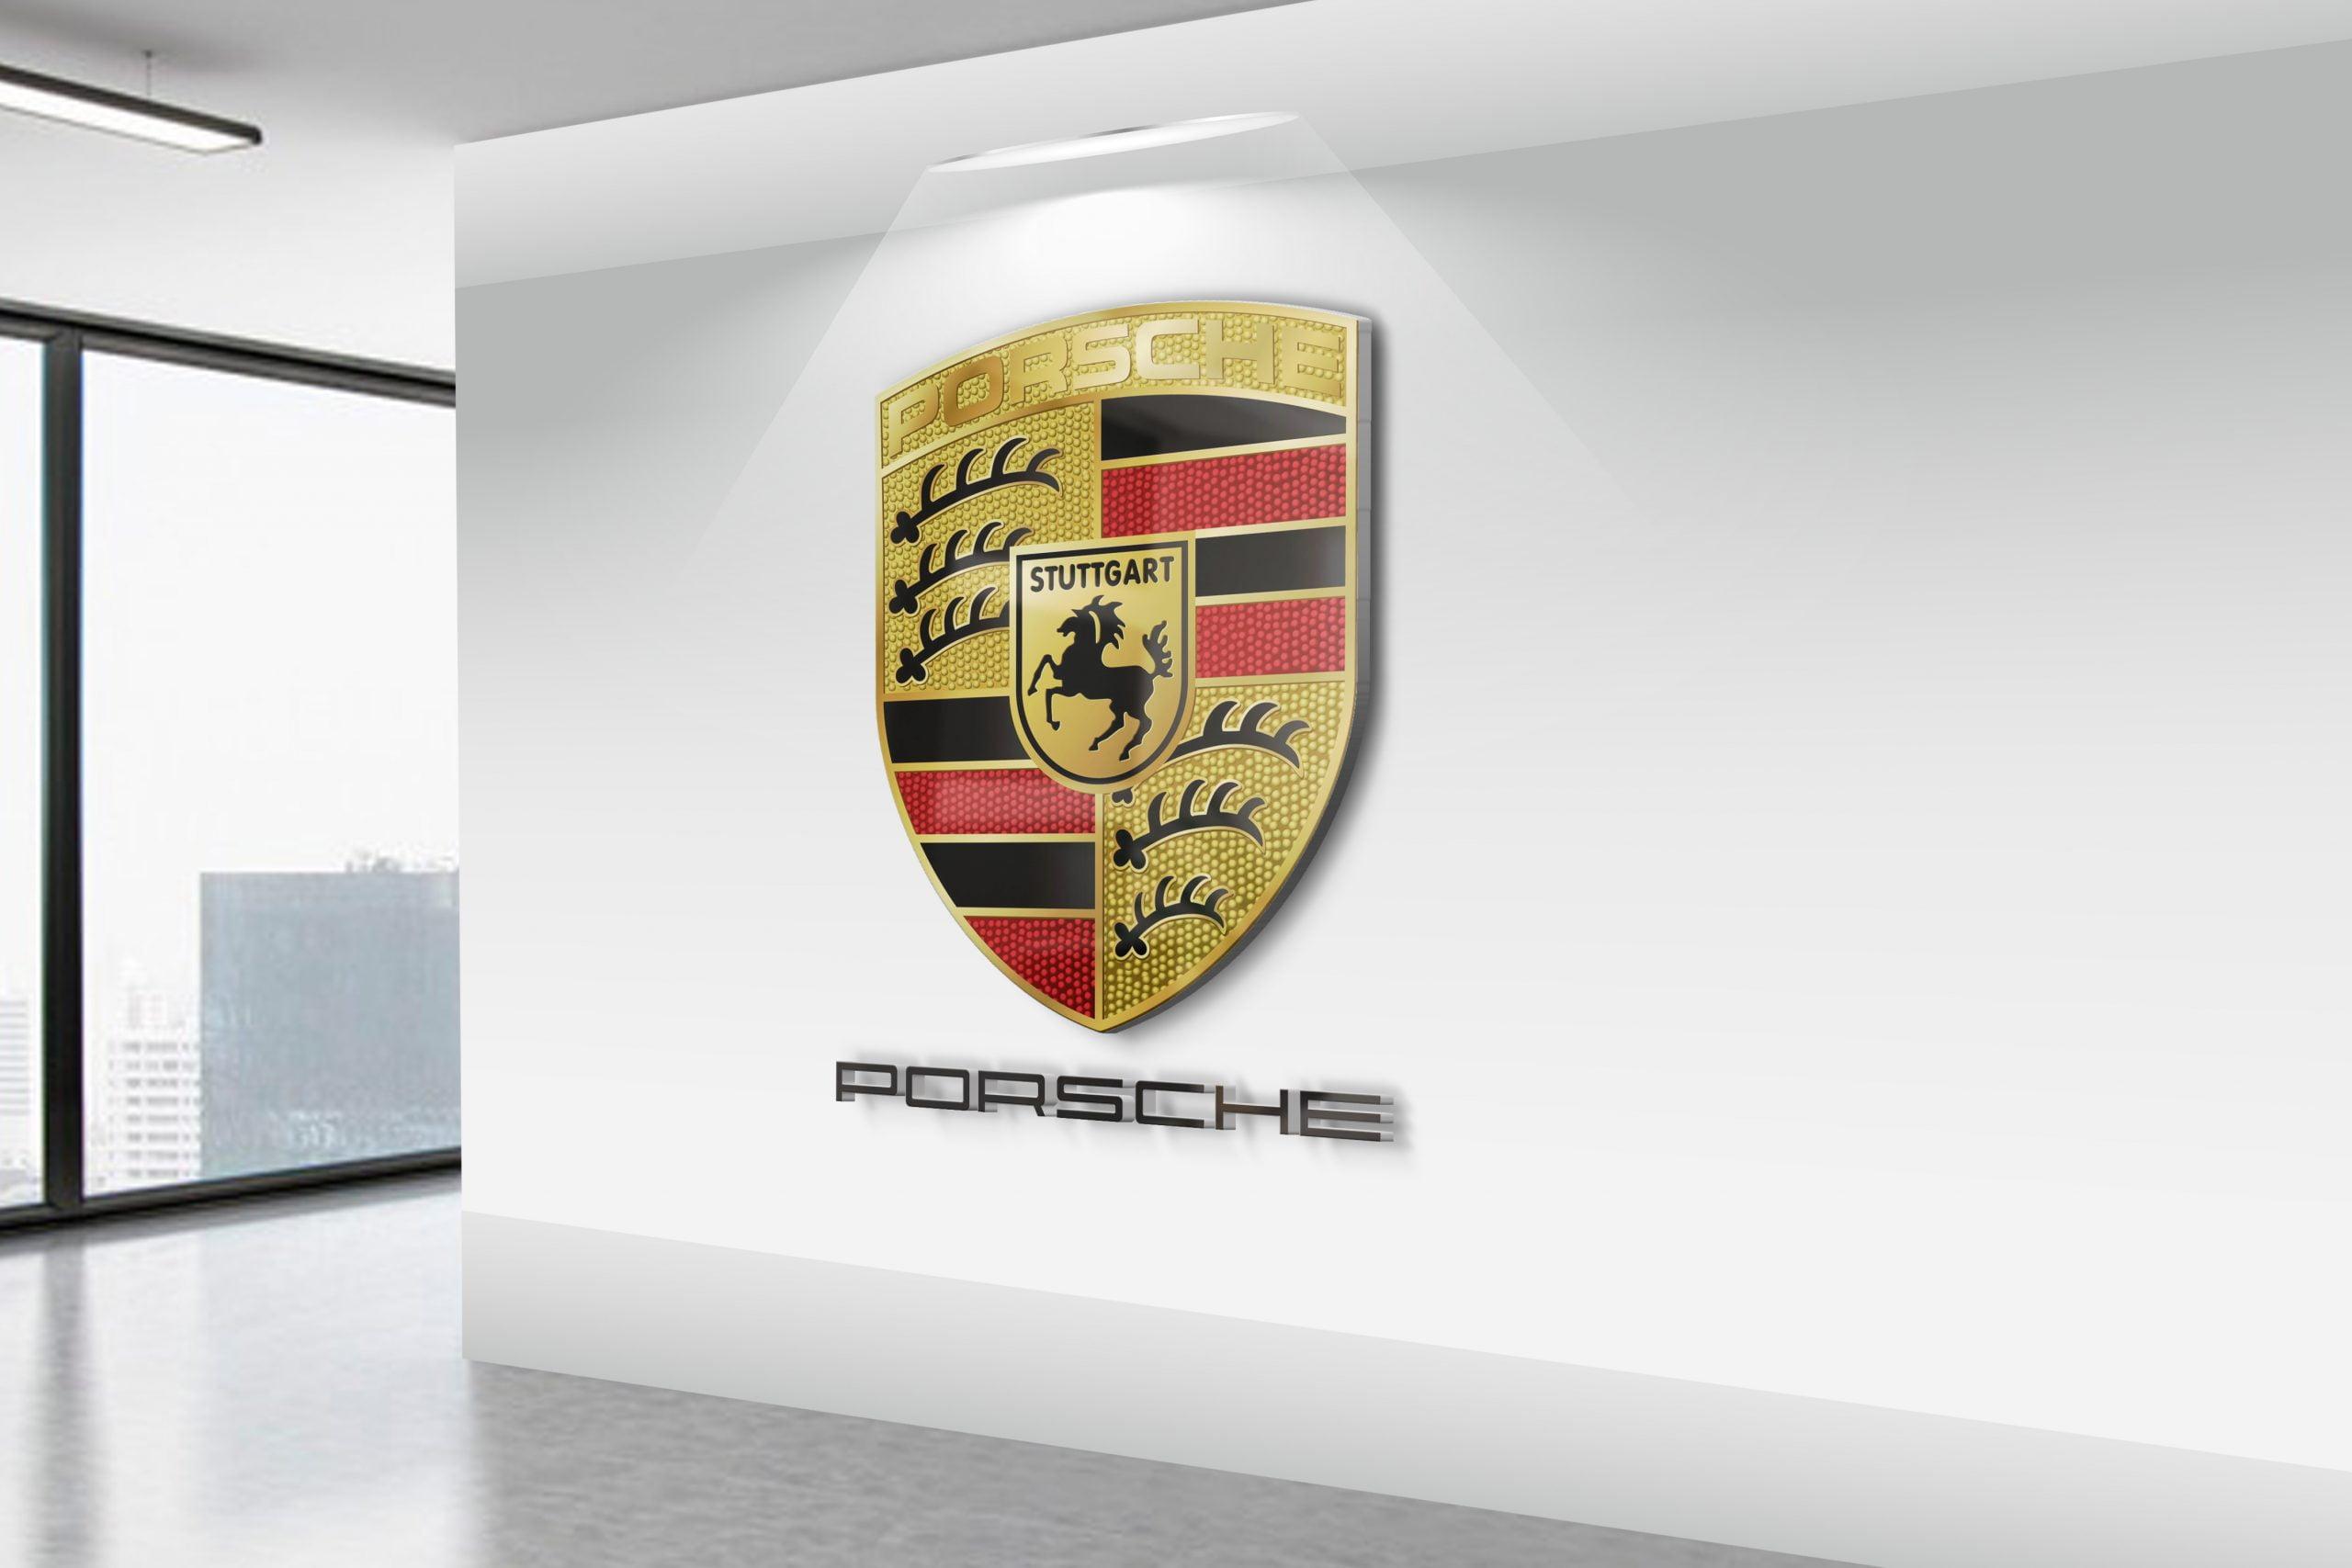 Porsche-Realistic-3D-Wall-Logo-MockUp